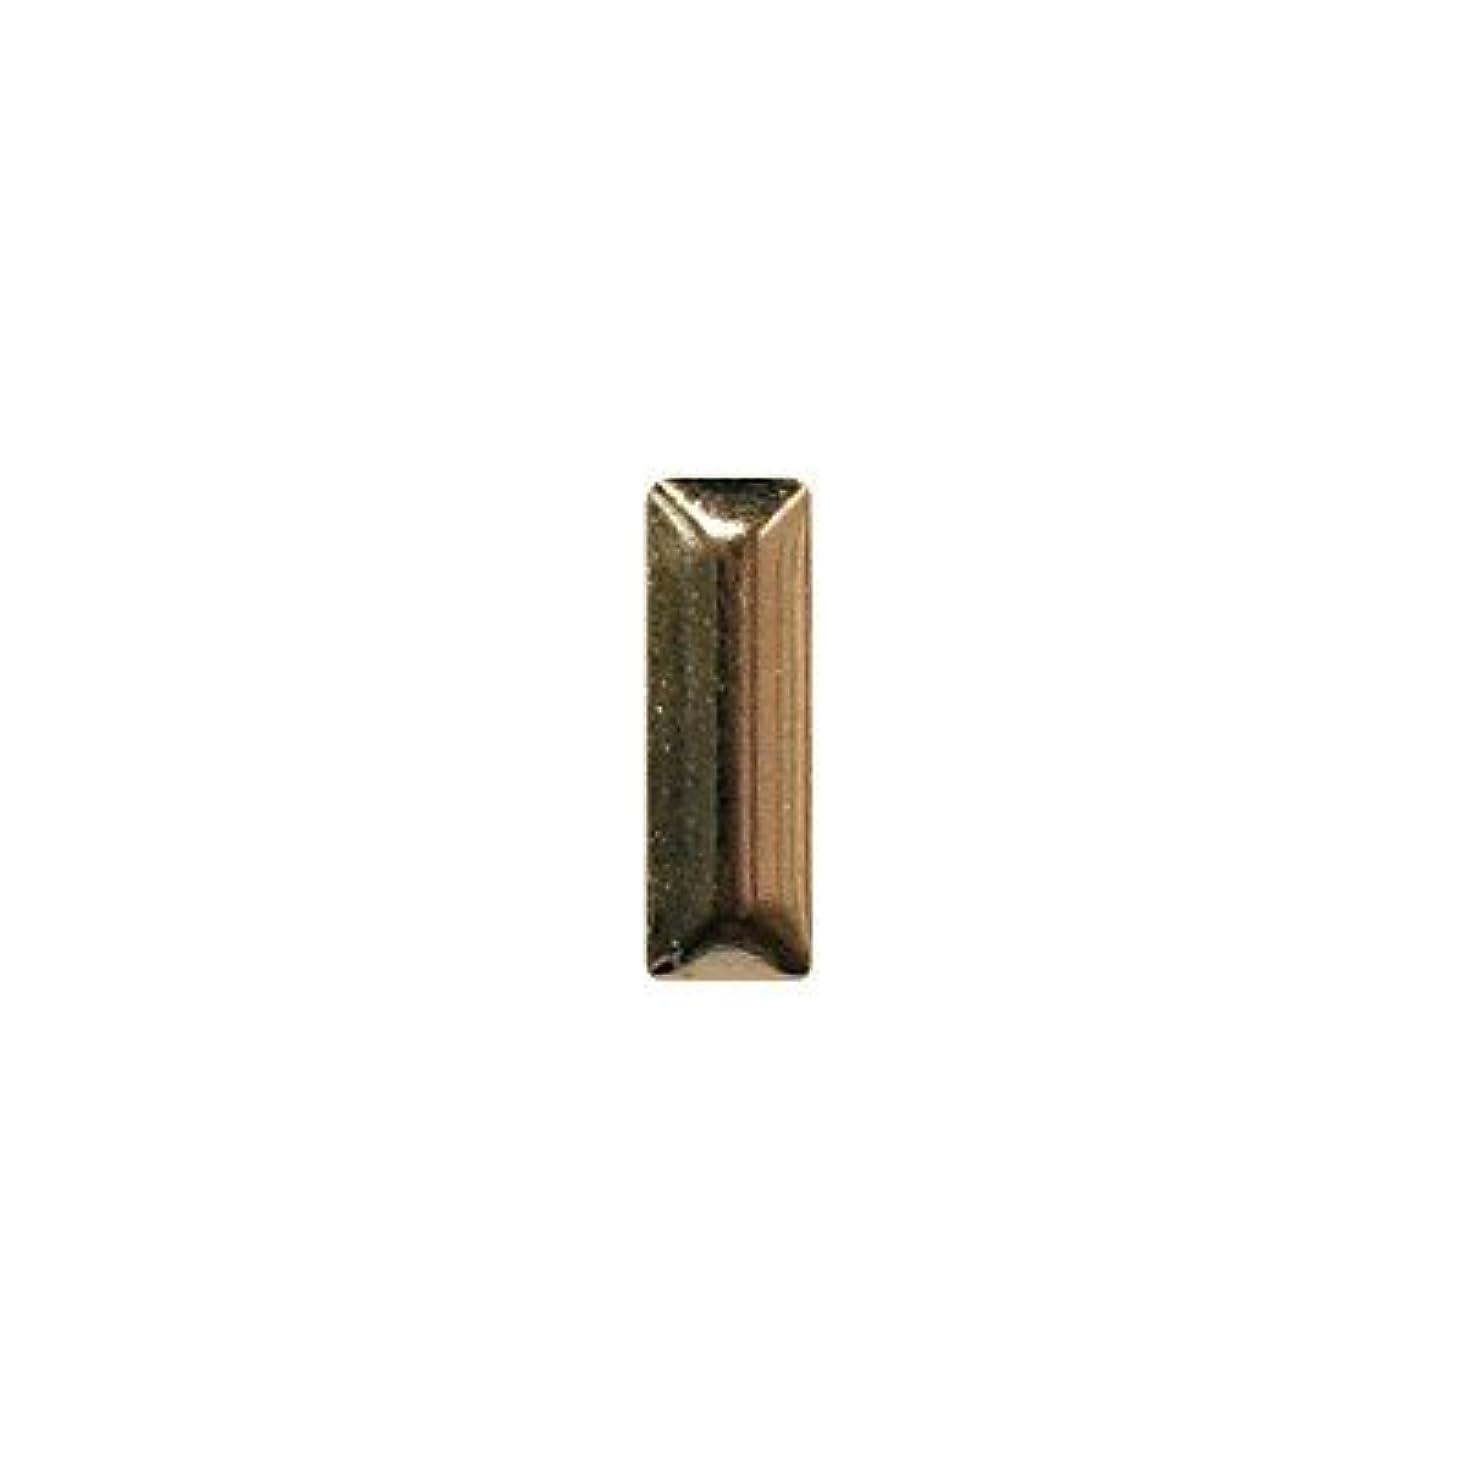 味付け階下容赦ないピアドラ スタッズ メタル長方形 2×6mm 50P ゴールド